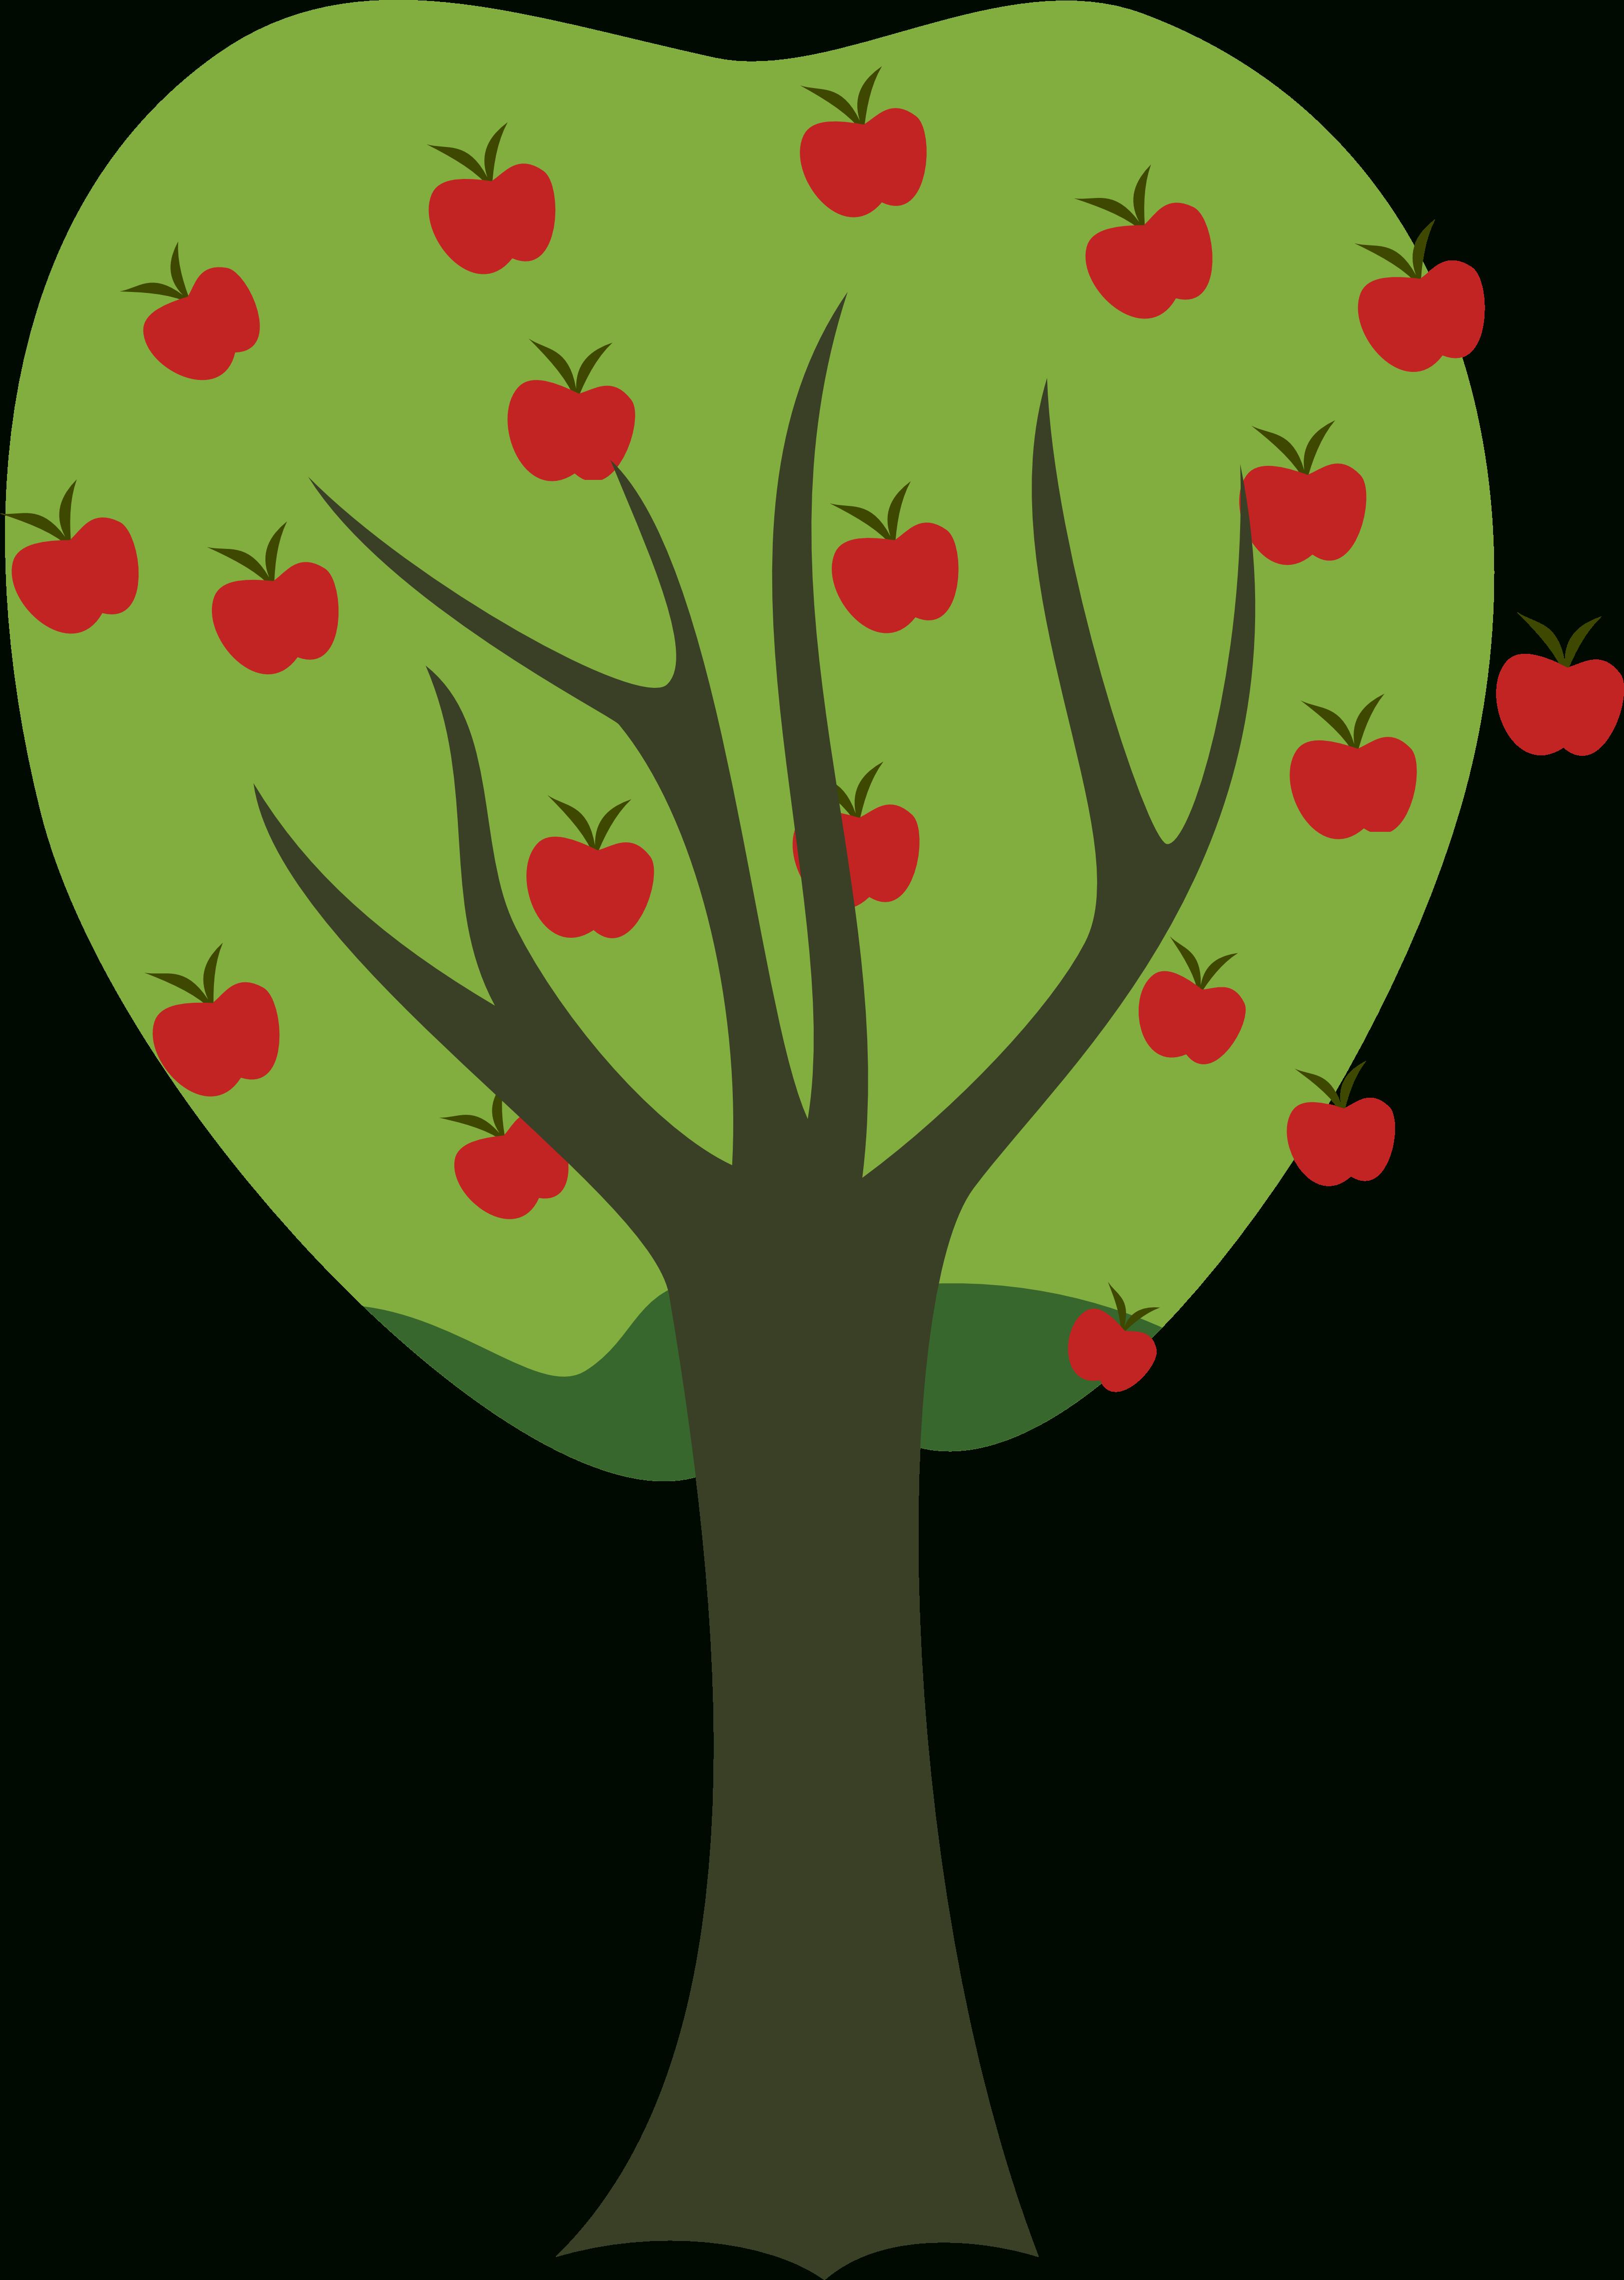 Apple transparent letters format. Tree clipart fruit